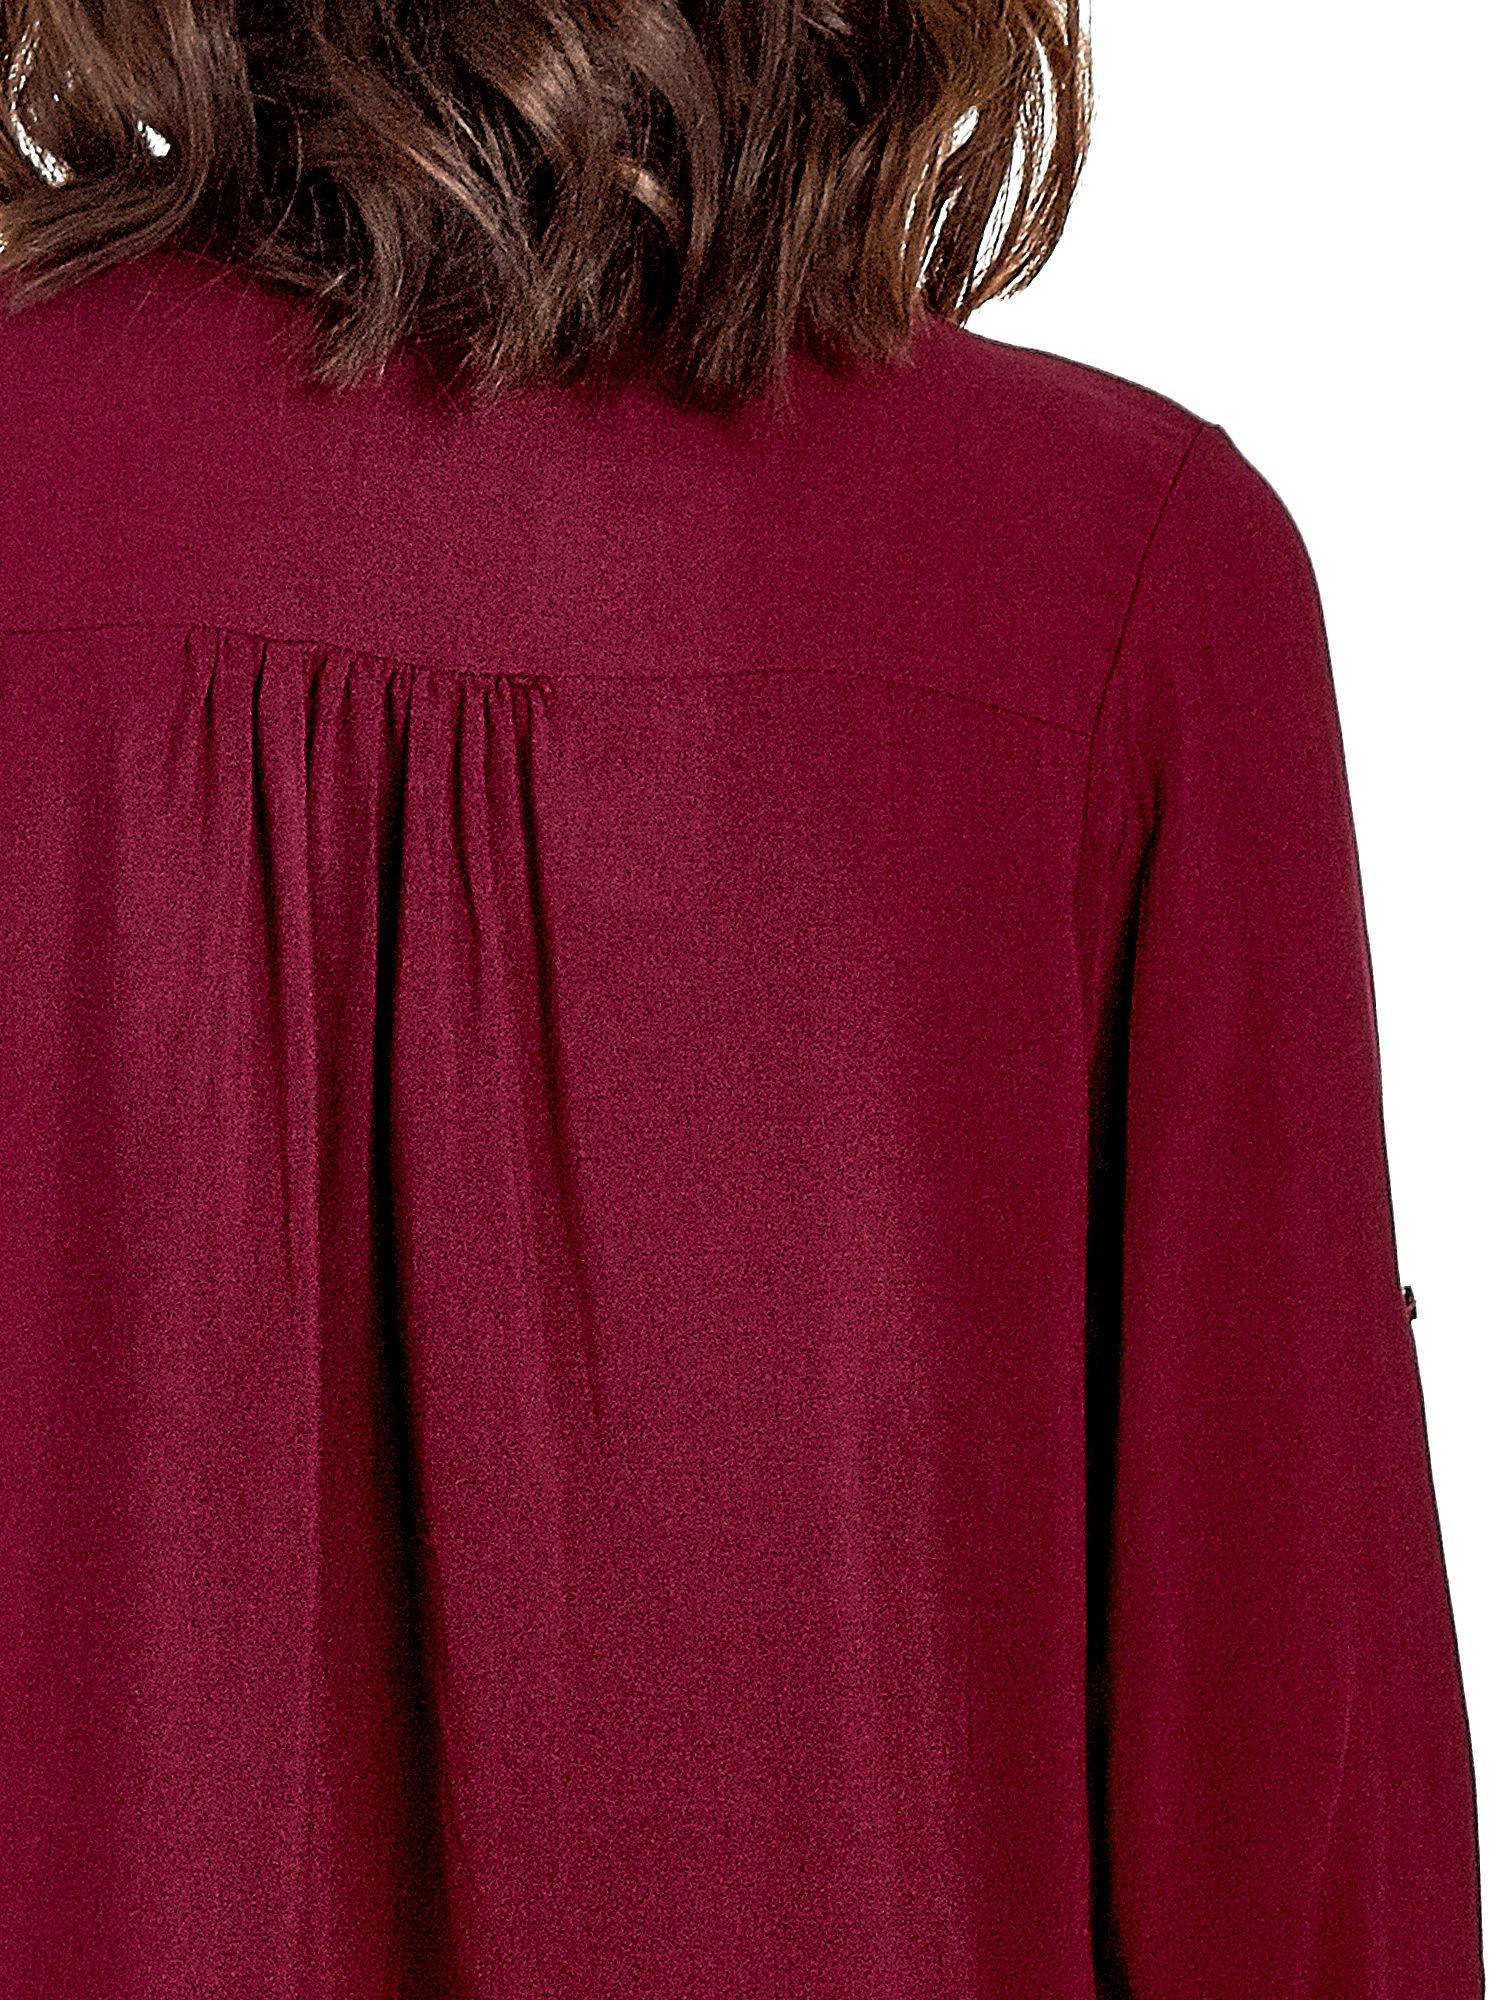 Bordowa koszula ze wzorzystą wstawką w stylu etno                                  zdj.                                  7